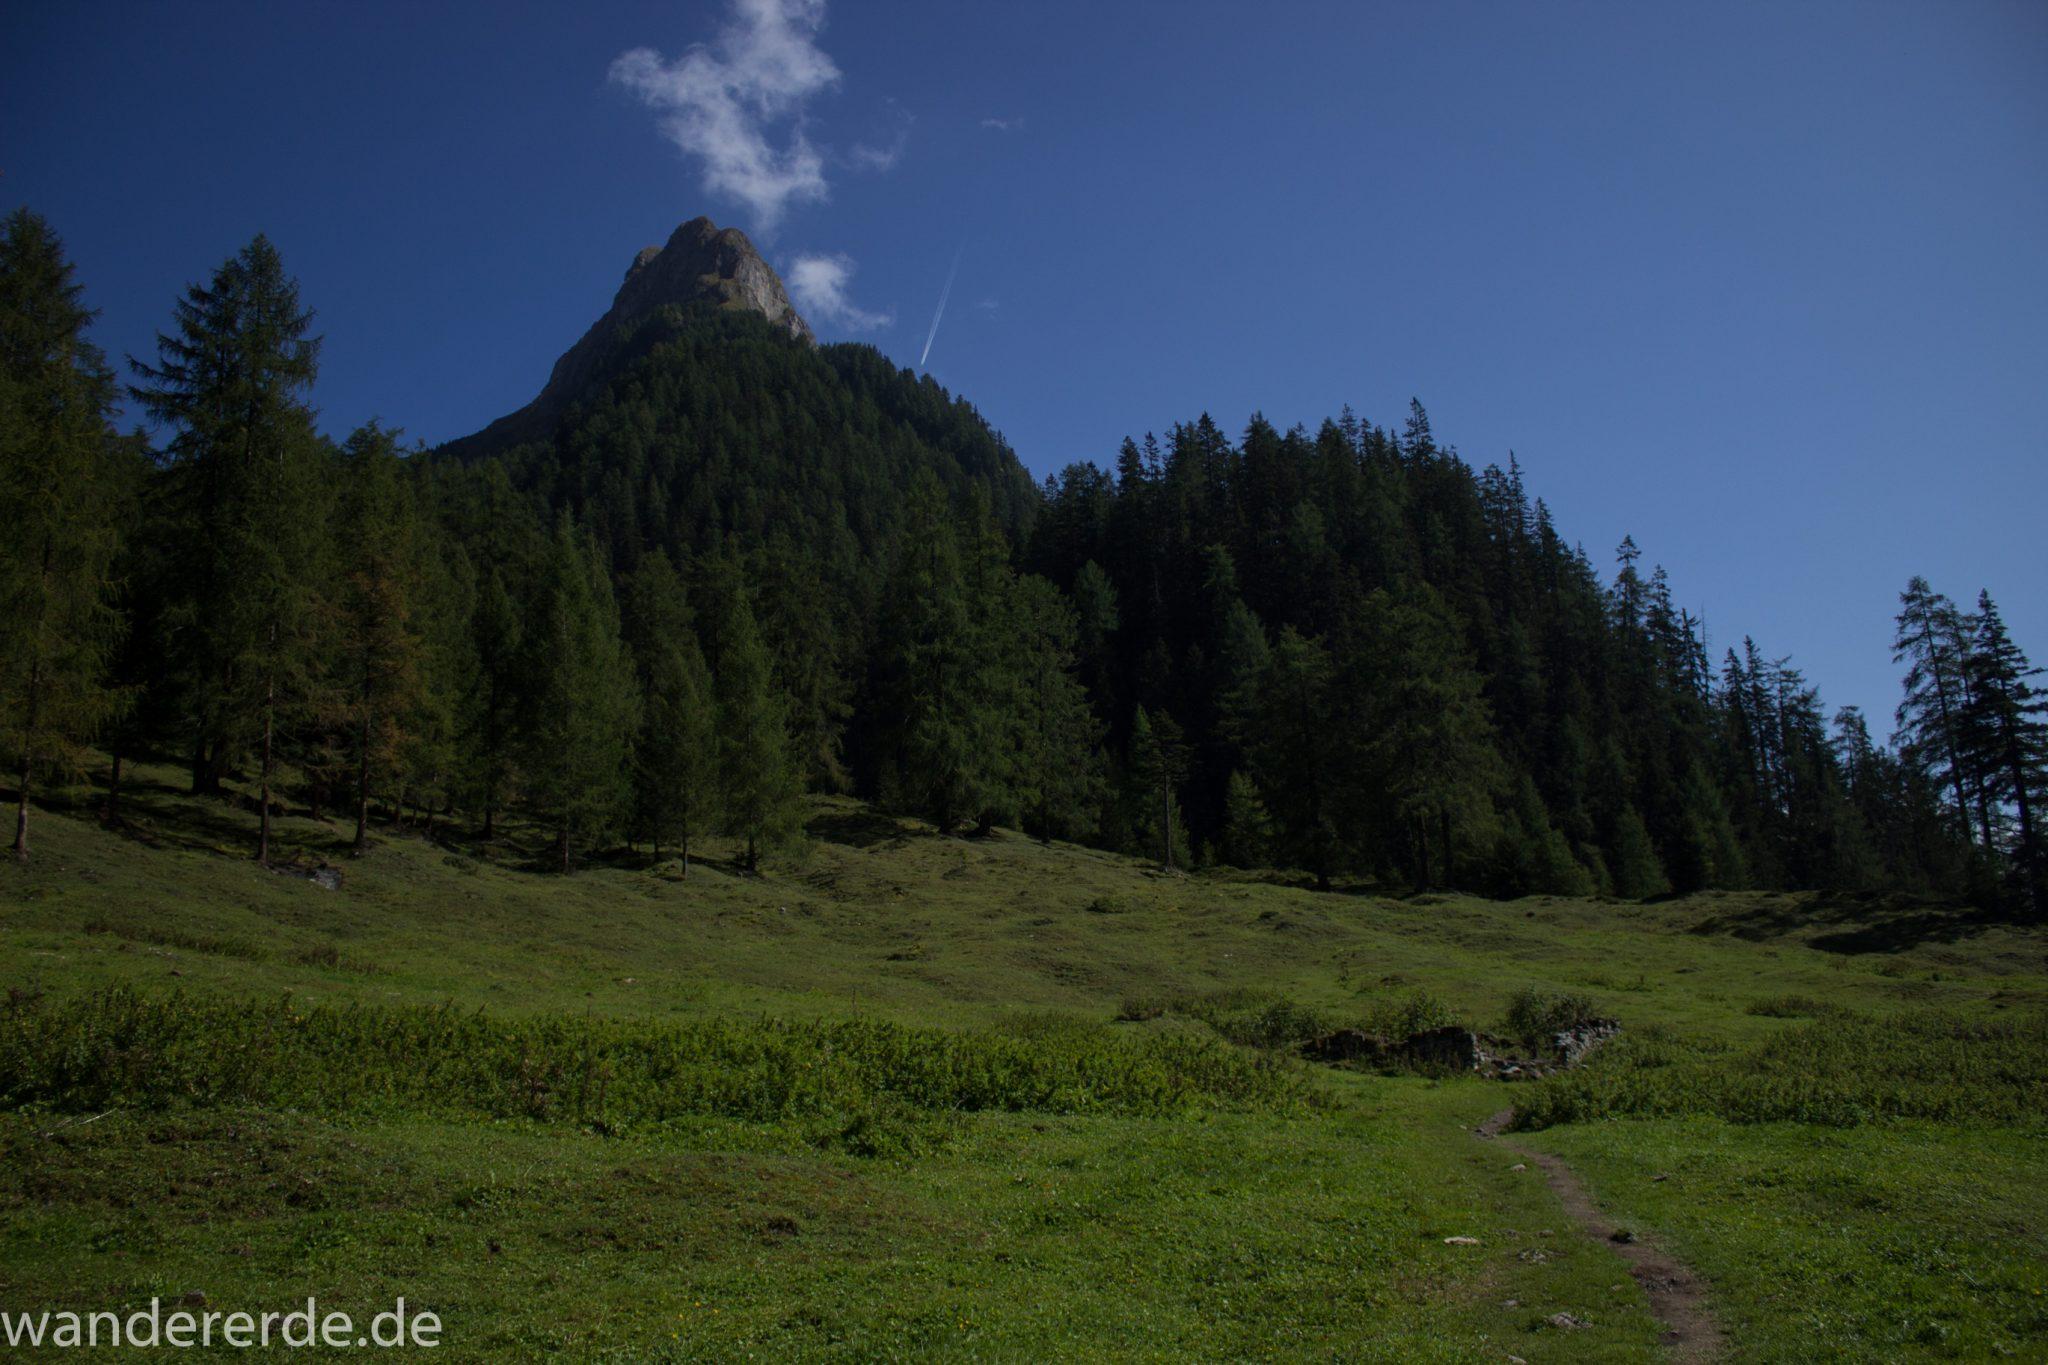 Alpenüberquerung Fernwanderweg E5 Oberstdorf Meran, 3. Etappe von Memminger Hütte zur Skihütte Zams, nach Erreichen der Seescharte folgt ein sehr langer Abstieg auf schmalem Wanderpfad Richtung Zams zunächst durch das Lochbachtal und dann ins Zammer Loch, Abschnitt  mit saftig grünen Wiesen und Bäumen, Wanderweg ist schmal, aber hier kurzzeitig nicht mehr so steil